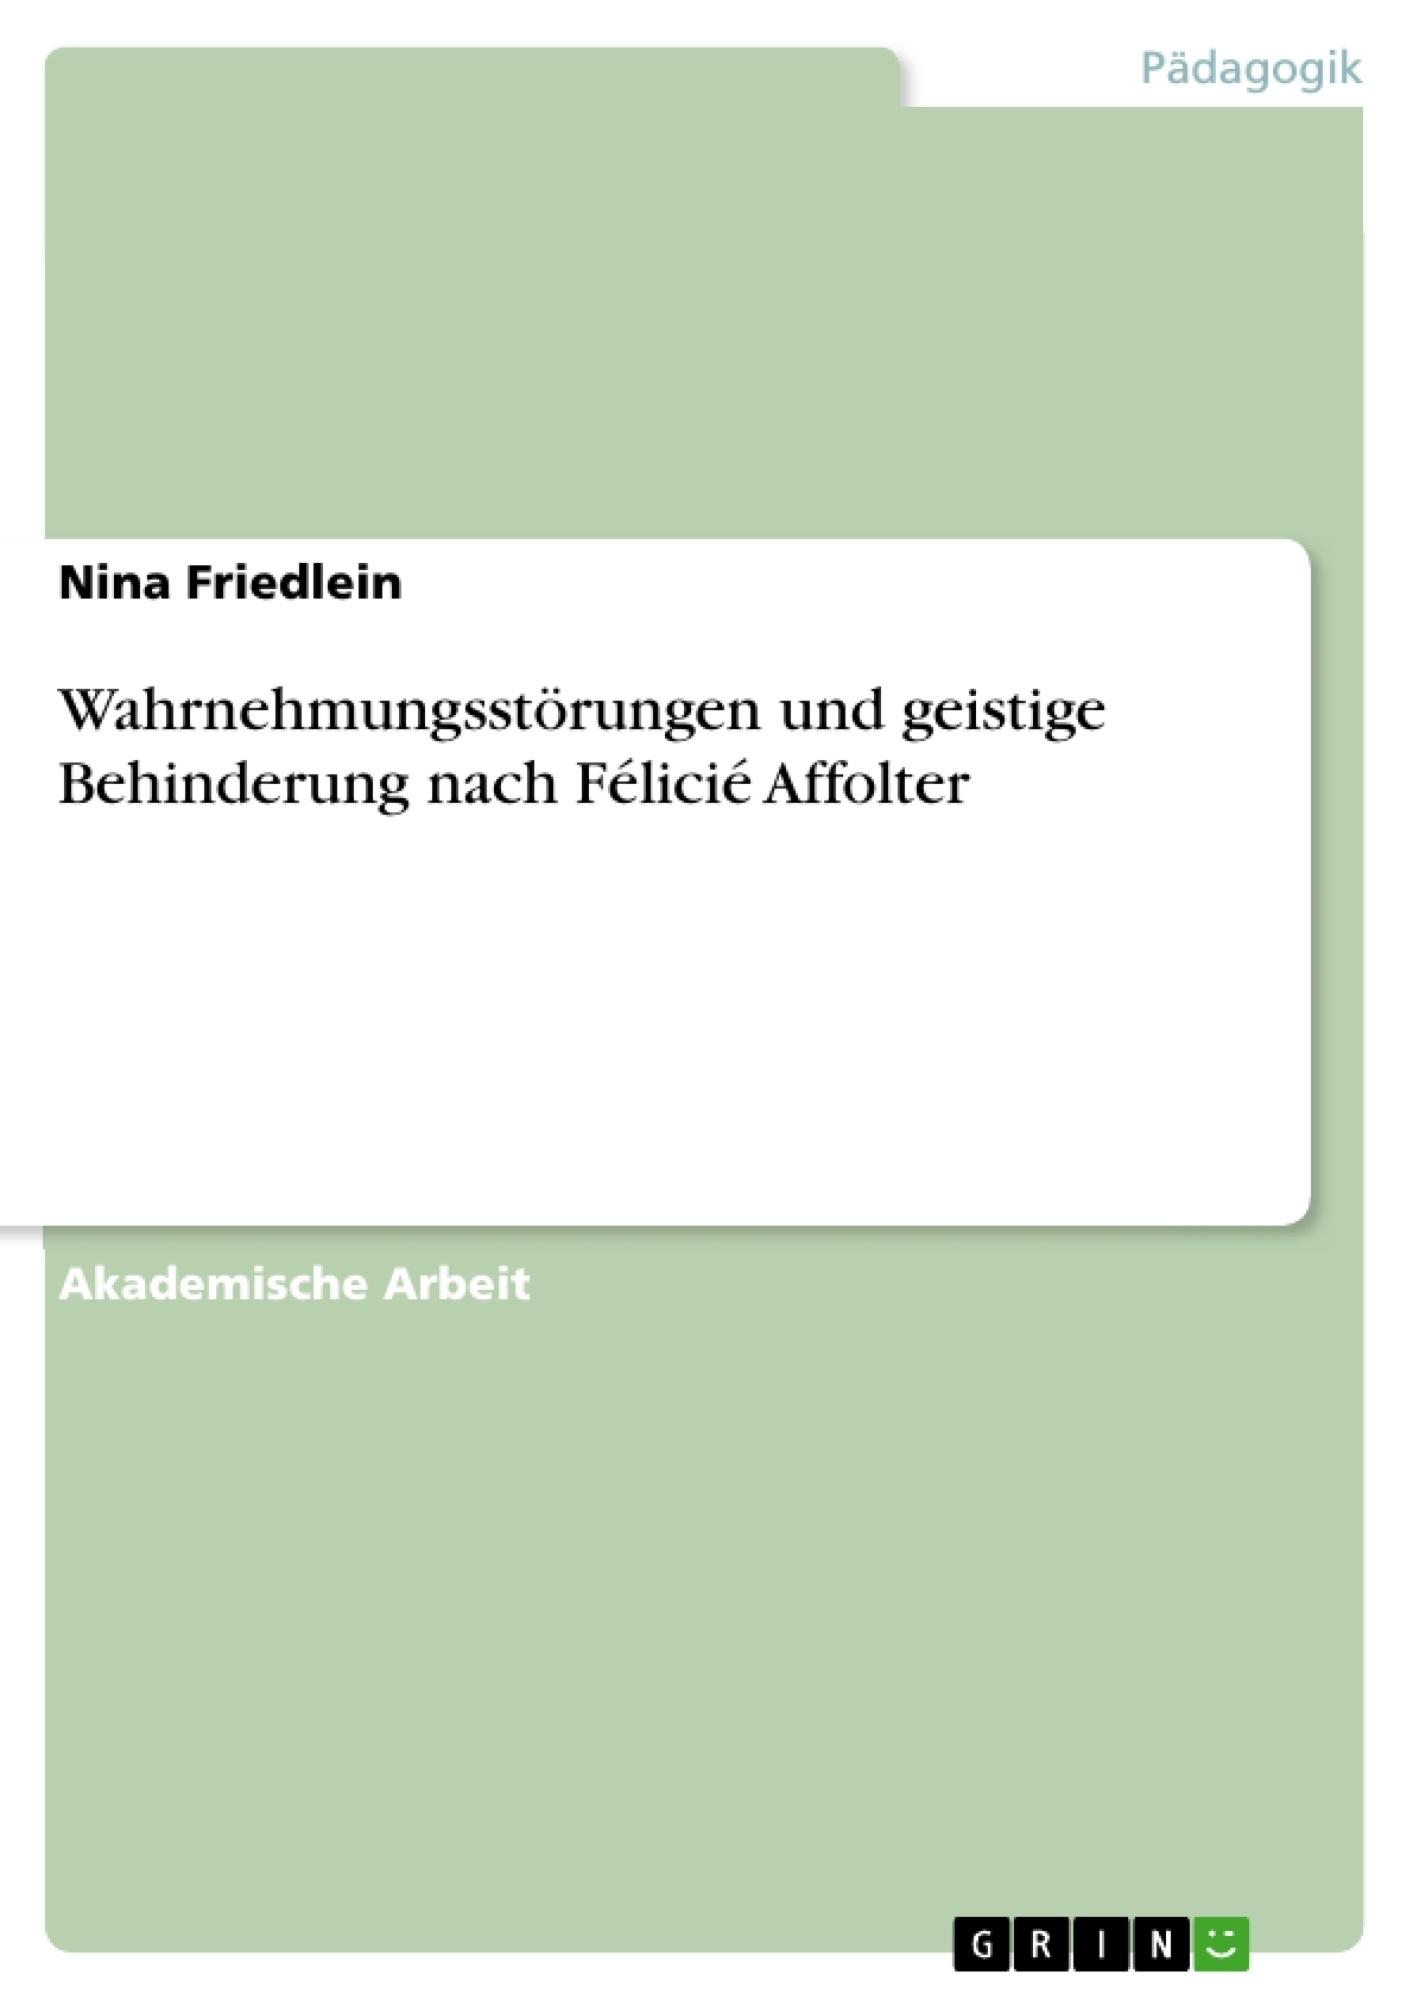 Titel: Wahrnehmungsstörungen und geistige Behinderung nach Félicié Affolter